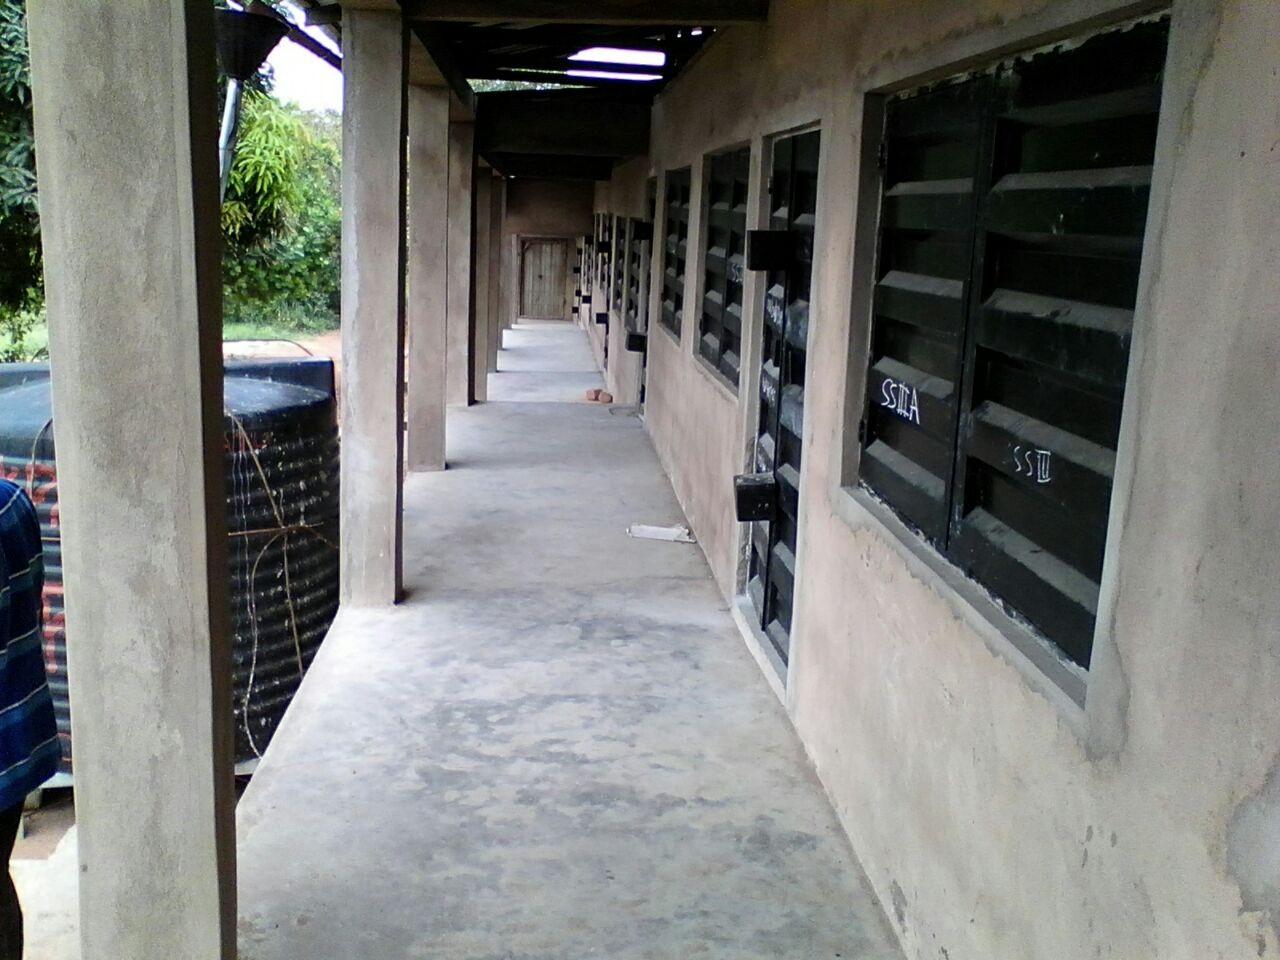 Metallfenster und Türen sind eingebaut und bieten neben dem Wetterschutz auch Sicherheit für das Schulmaterial der Kinder.